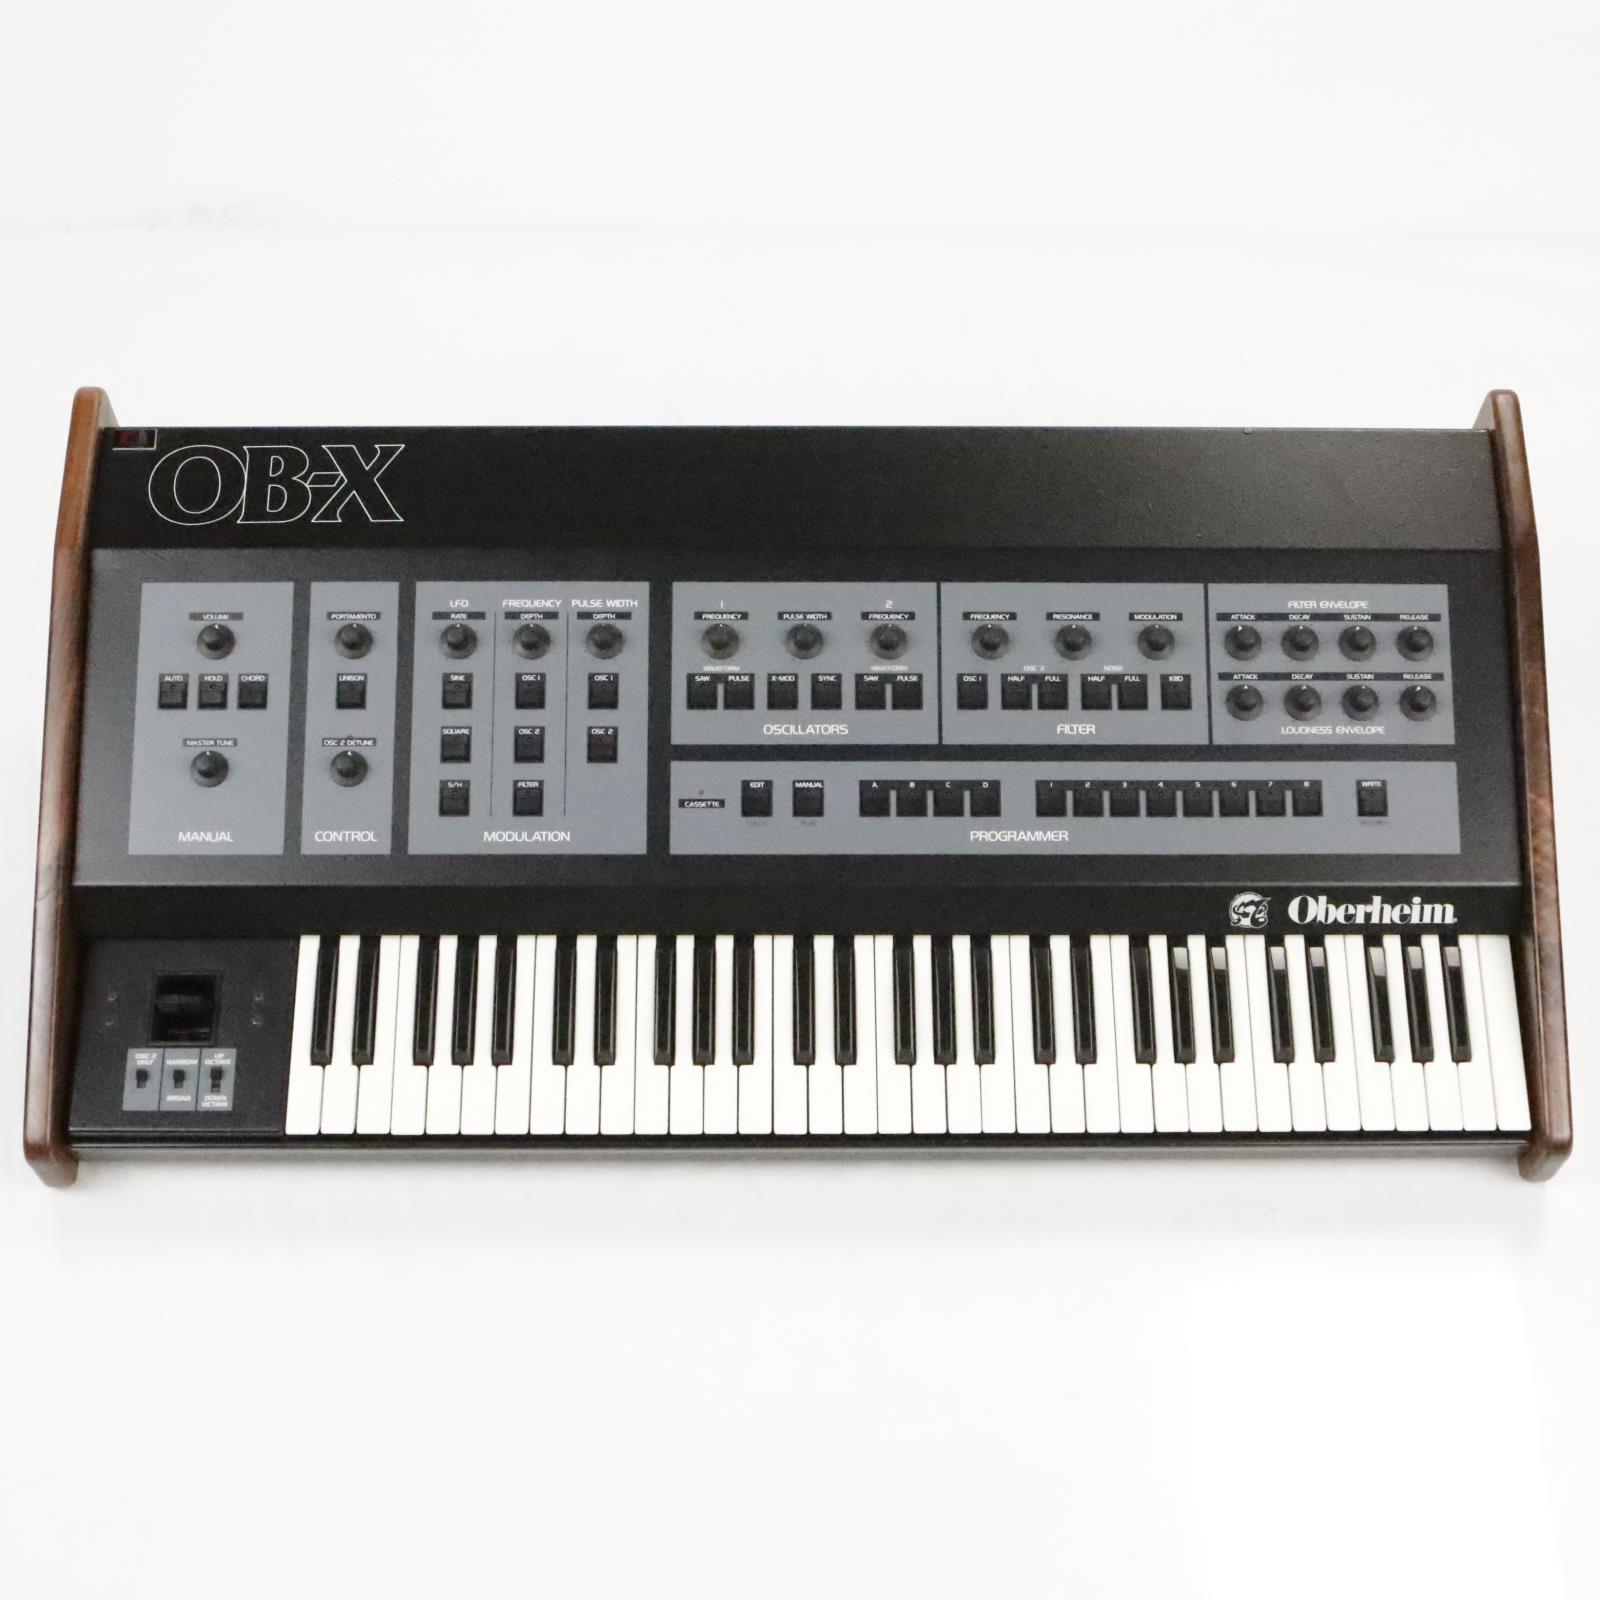 Détails sur Oberheim OB-X analogique 8 Synthétiseur vocal avec encore Midi  & Filtre 24db mod #35984- afficher le titre d'origine